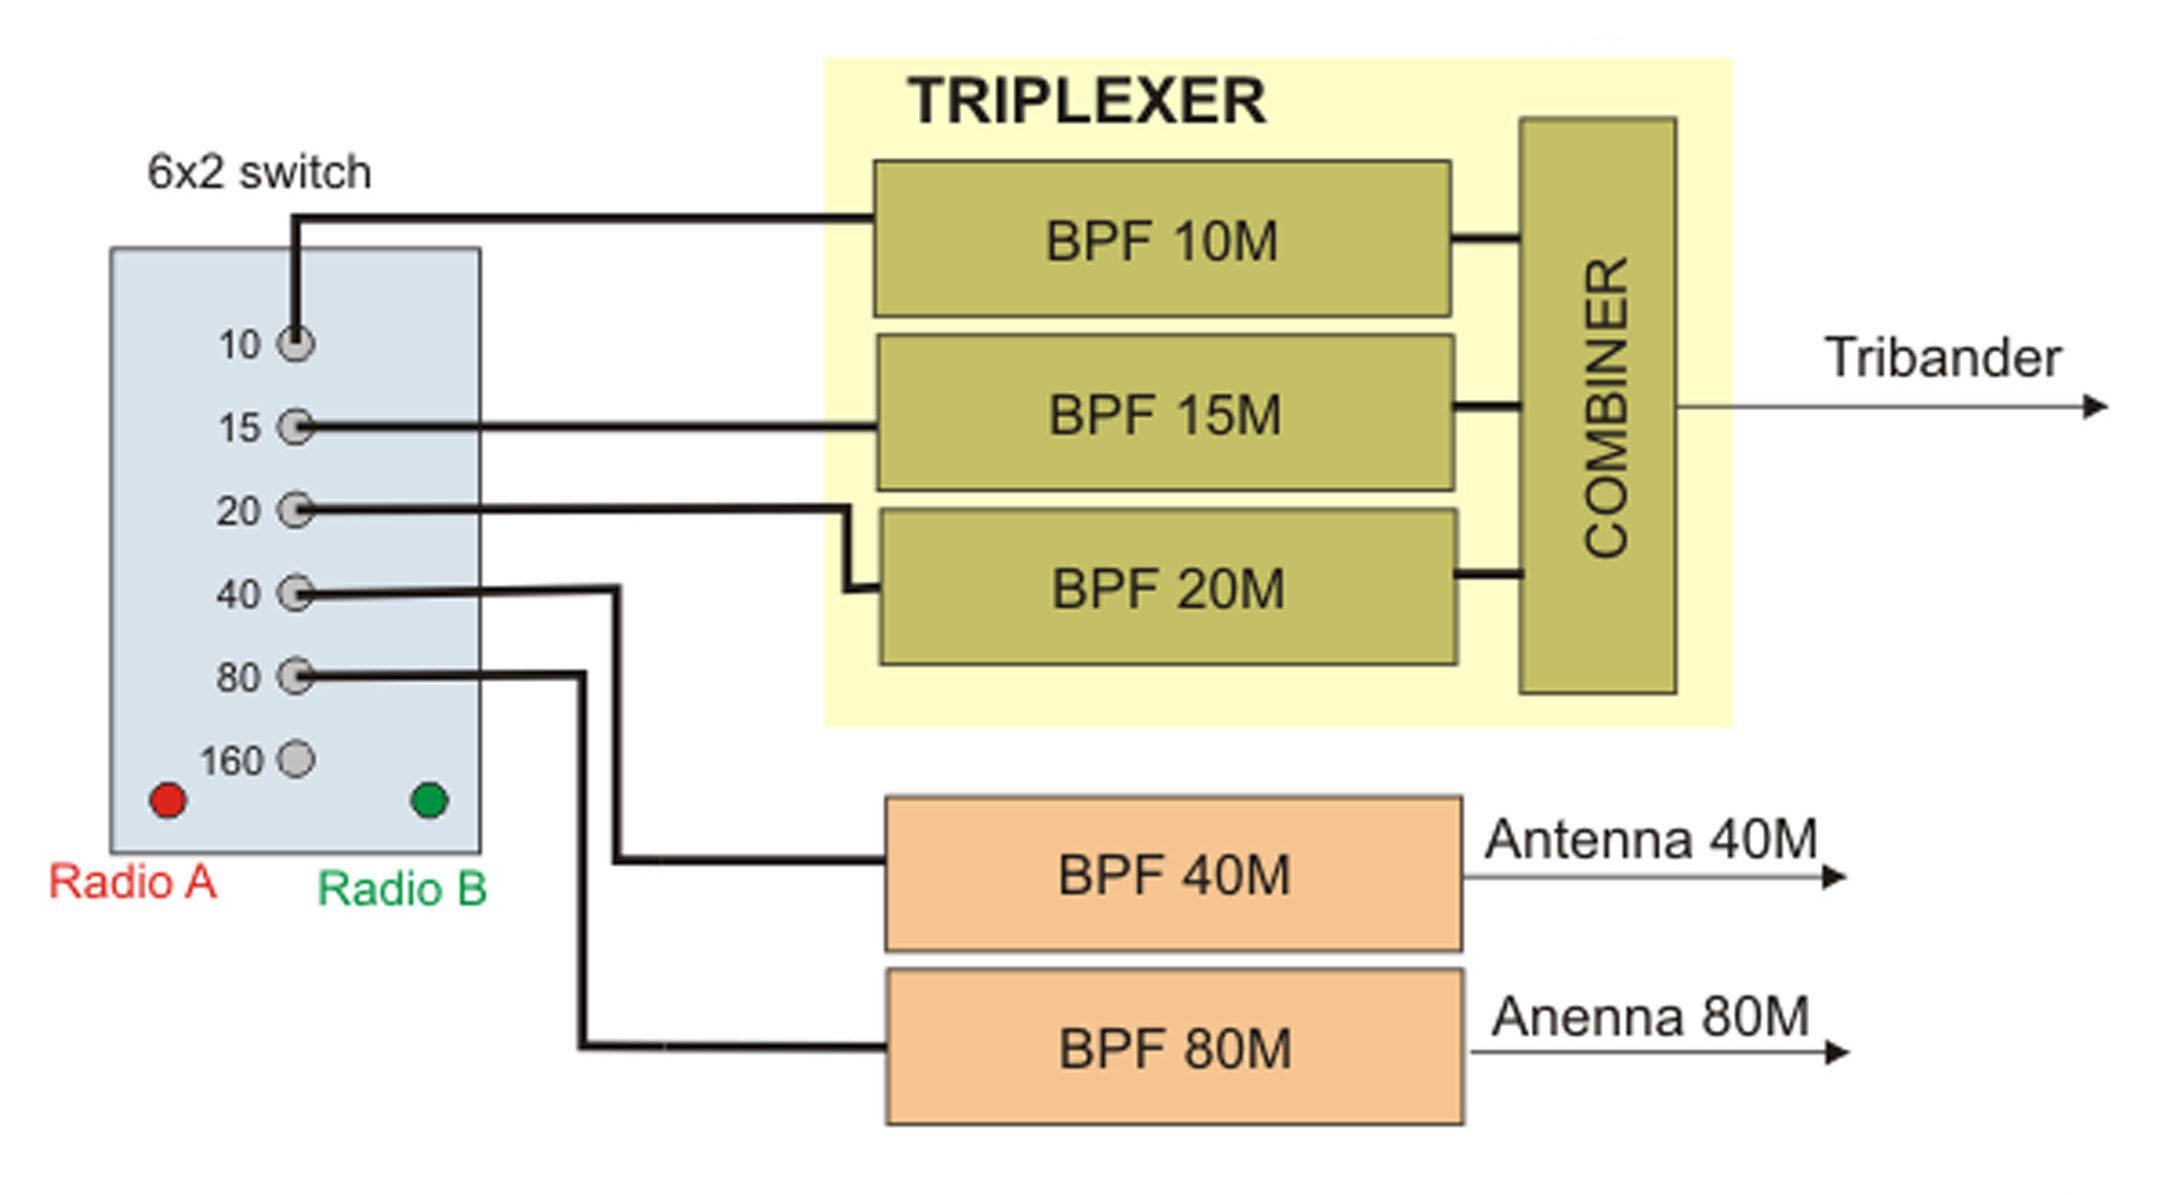 4o3a_triplexer